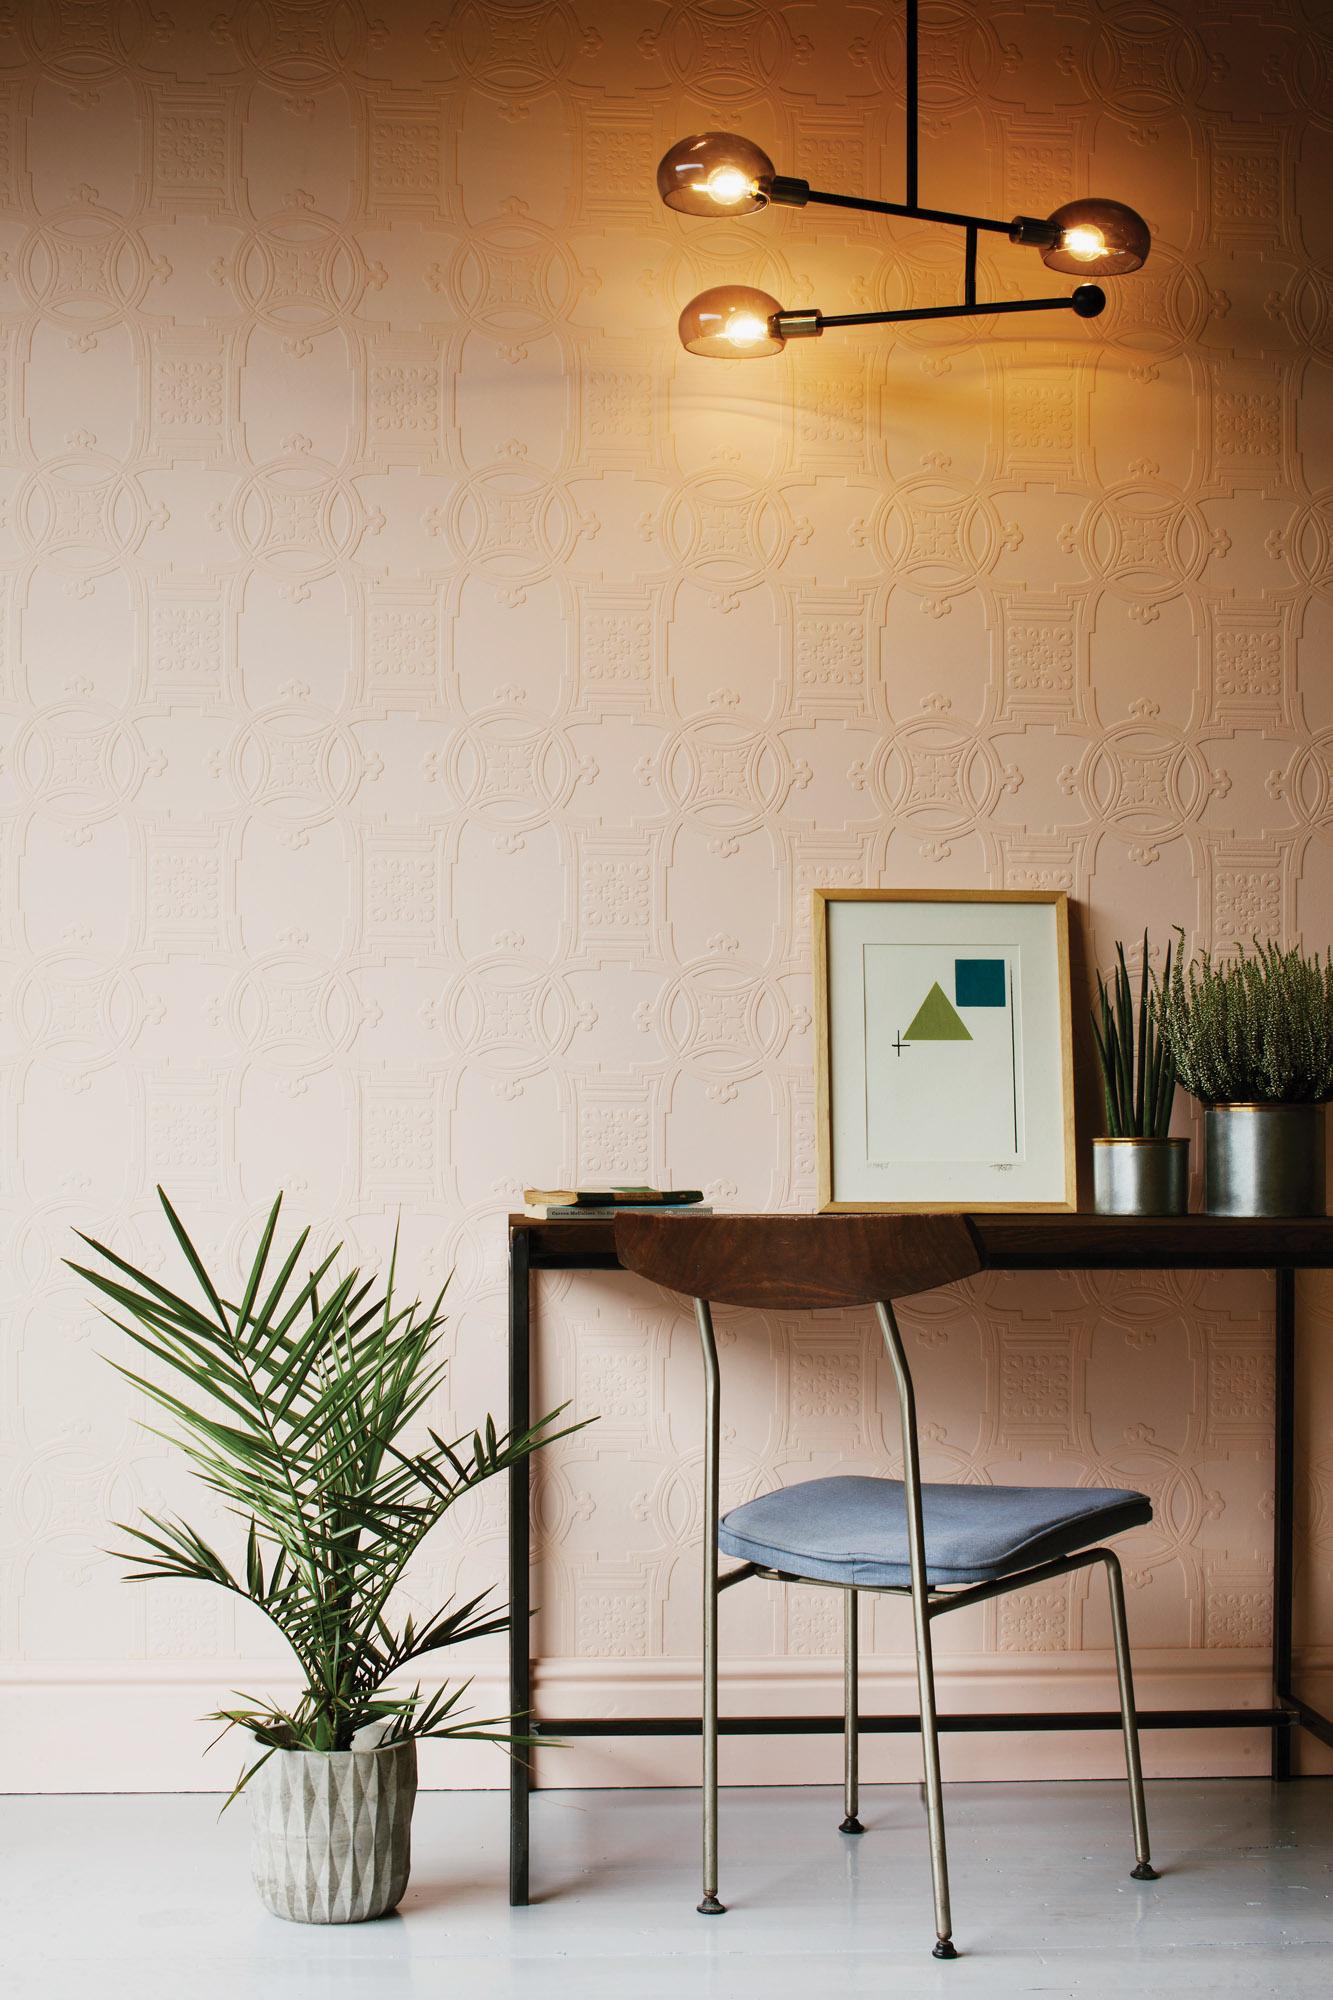 3 WallpaperDirect Early Victorian Room shot 1_bjk